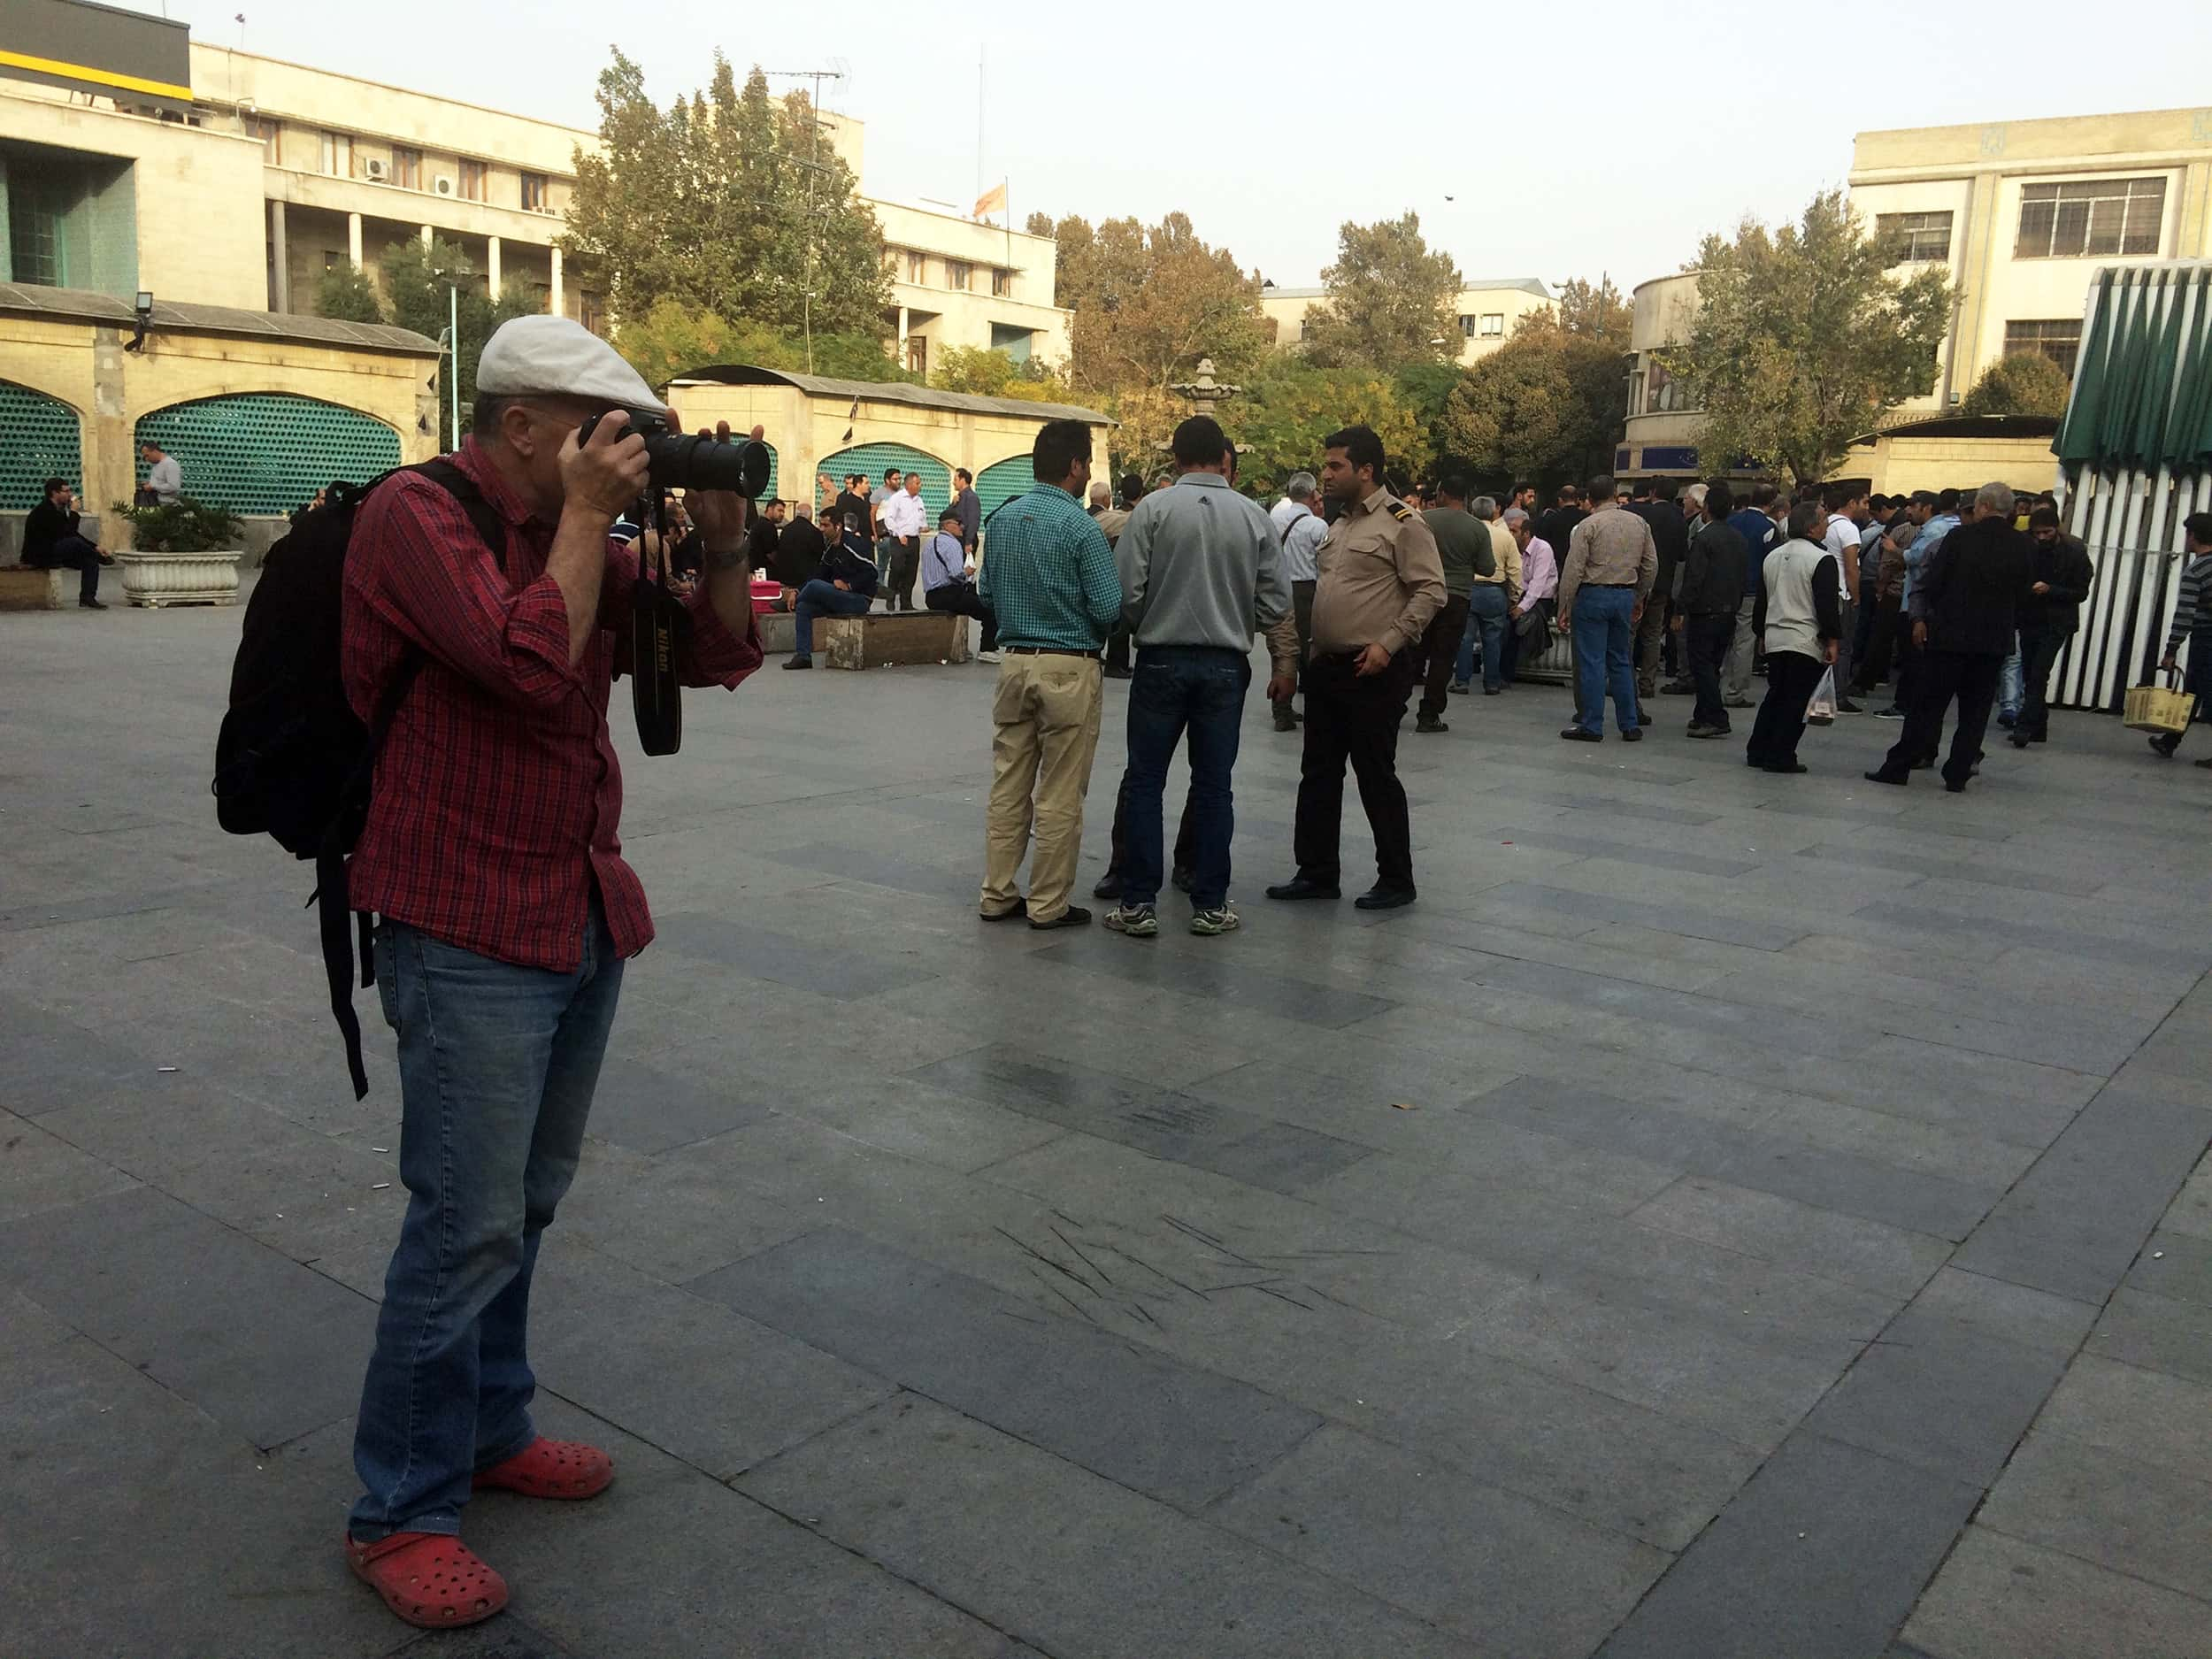 Іран. Центр перед базаром. Фото 4